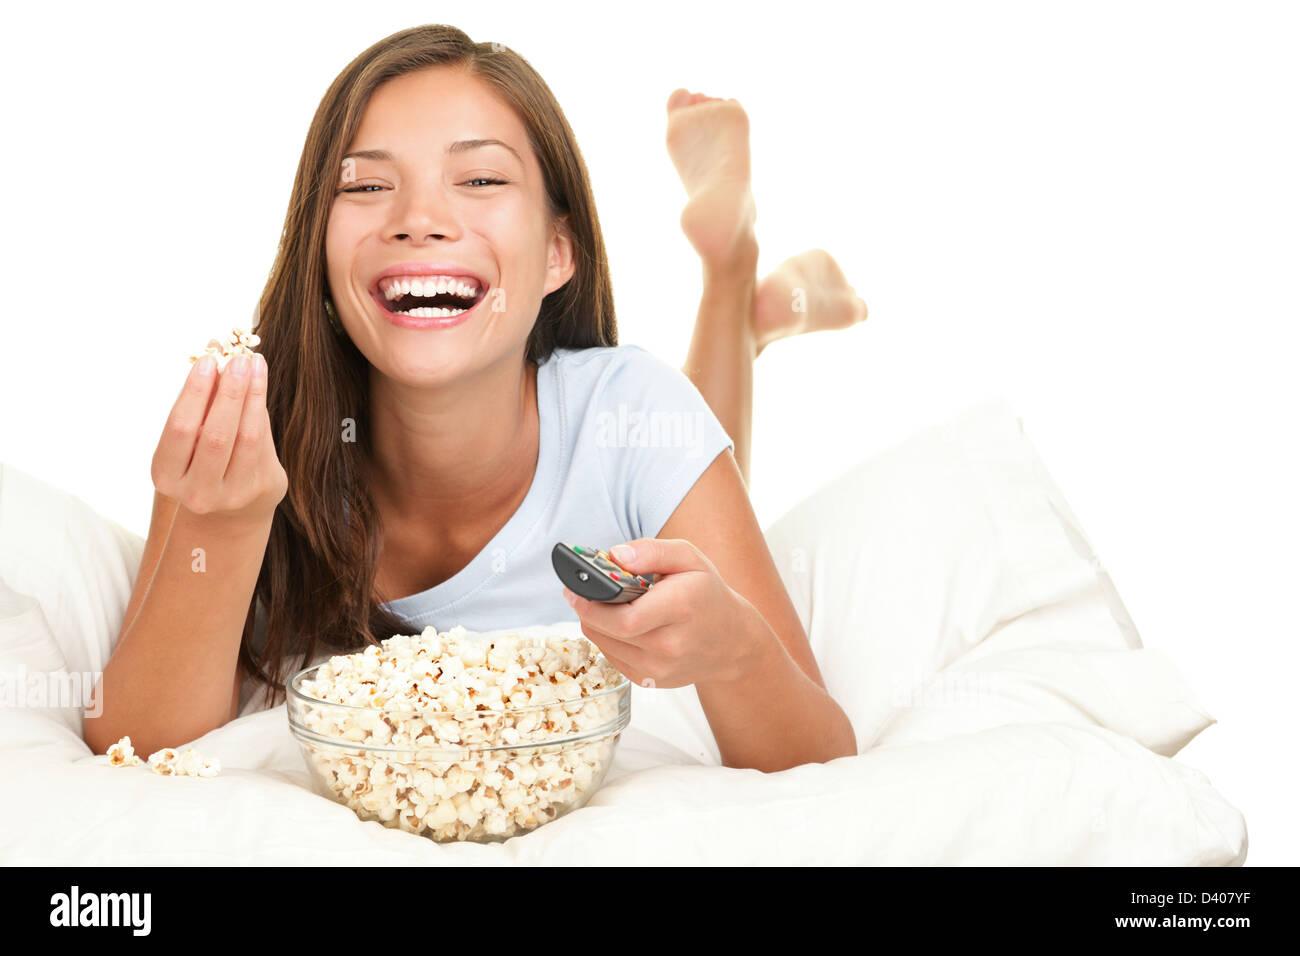 fr hliche junge mischlinge kaukasier asiatische frau vor dem fernseher beim essen popcorn im. Black Bedroom Furniture Sets. Home Design Ideas